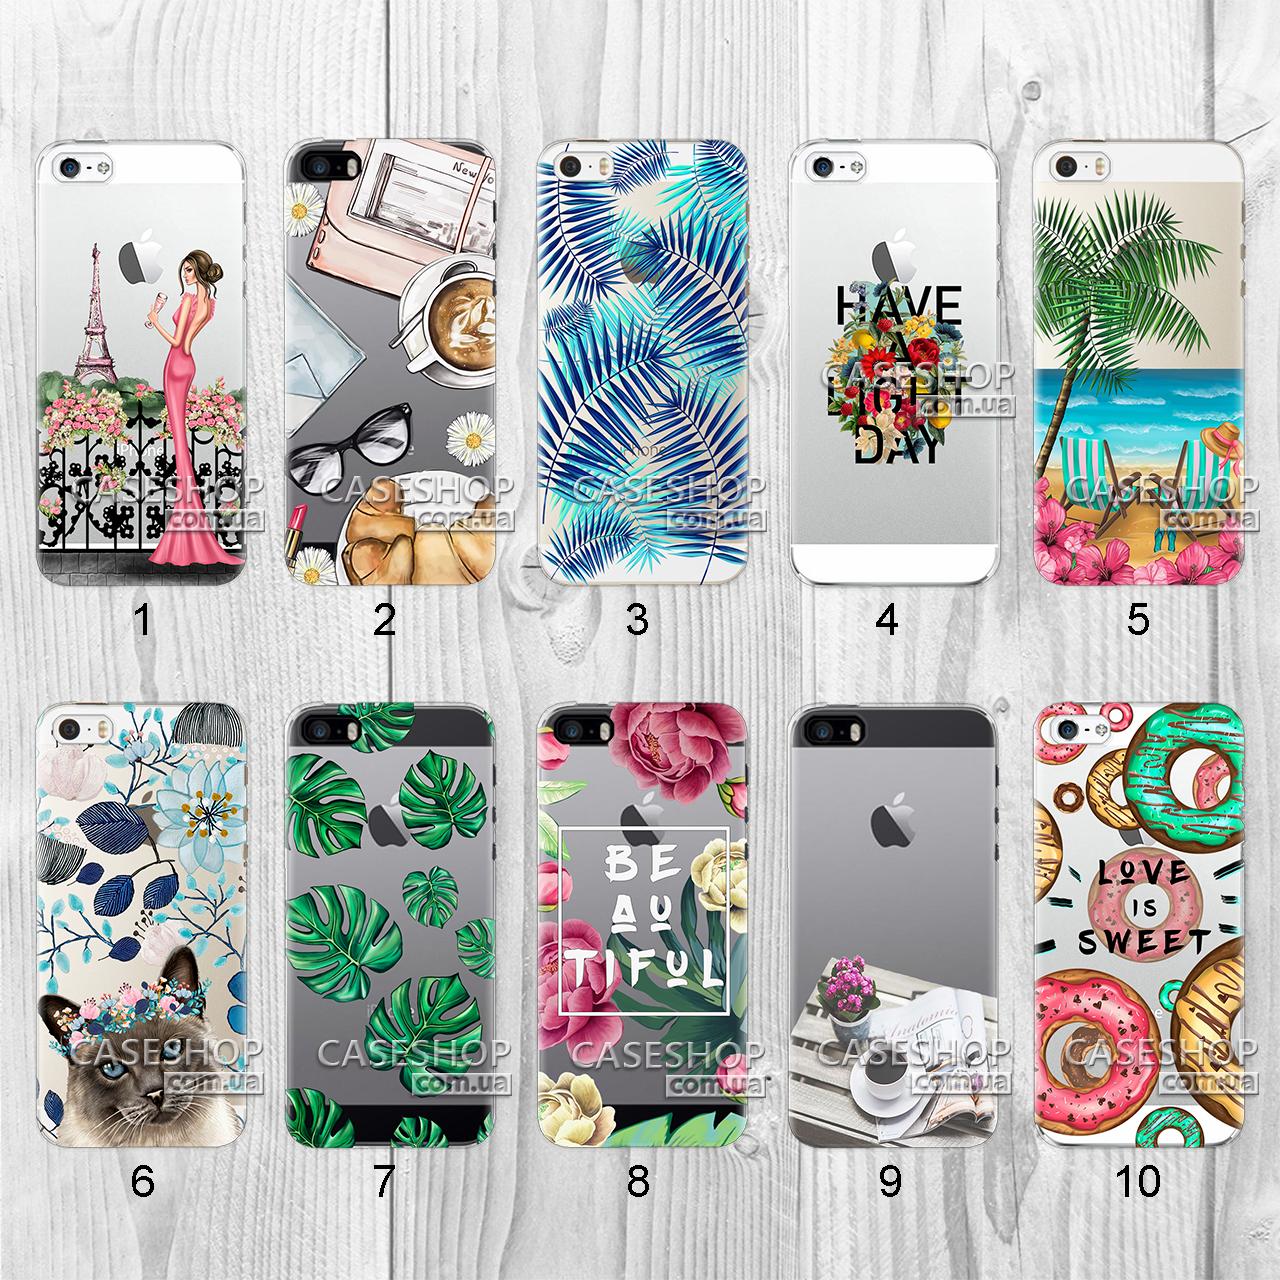 Чехол oneLounge Apple Case для iPhone 5/5S/SE (Лучшая копия) - Купить   1280x1280